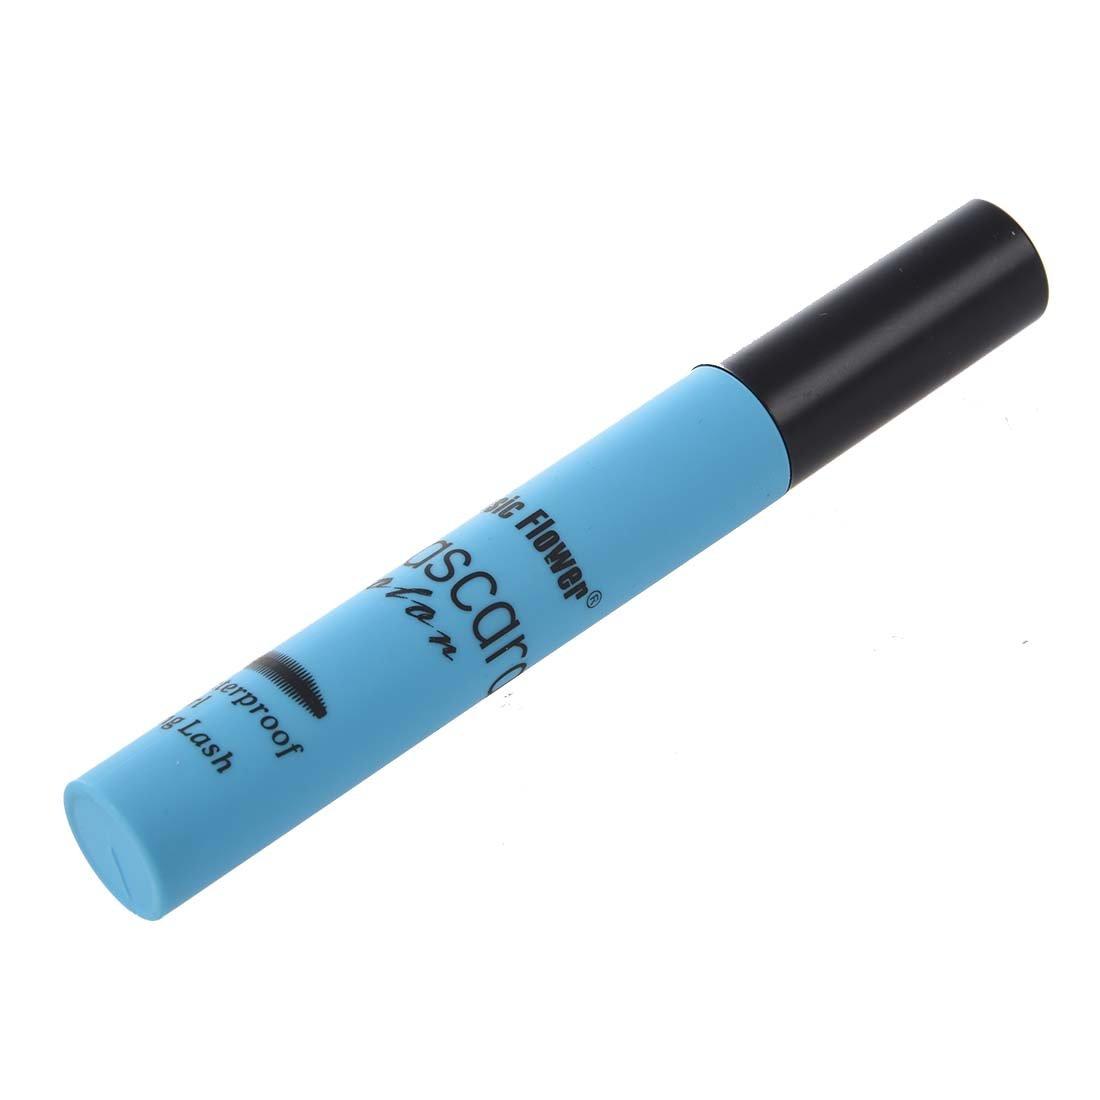 Blue Mascara Long Lengthening Volume Curl Eyelash Grower Makeup Cosplay SODIAL 012352